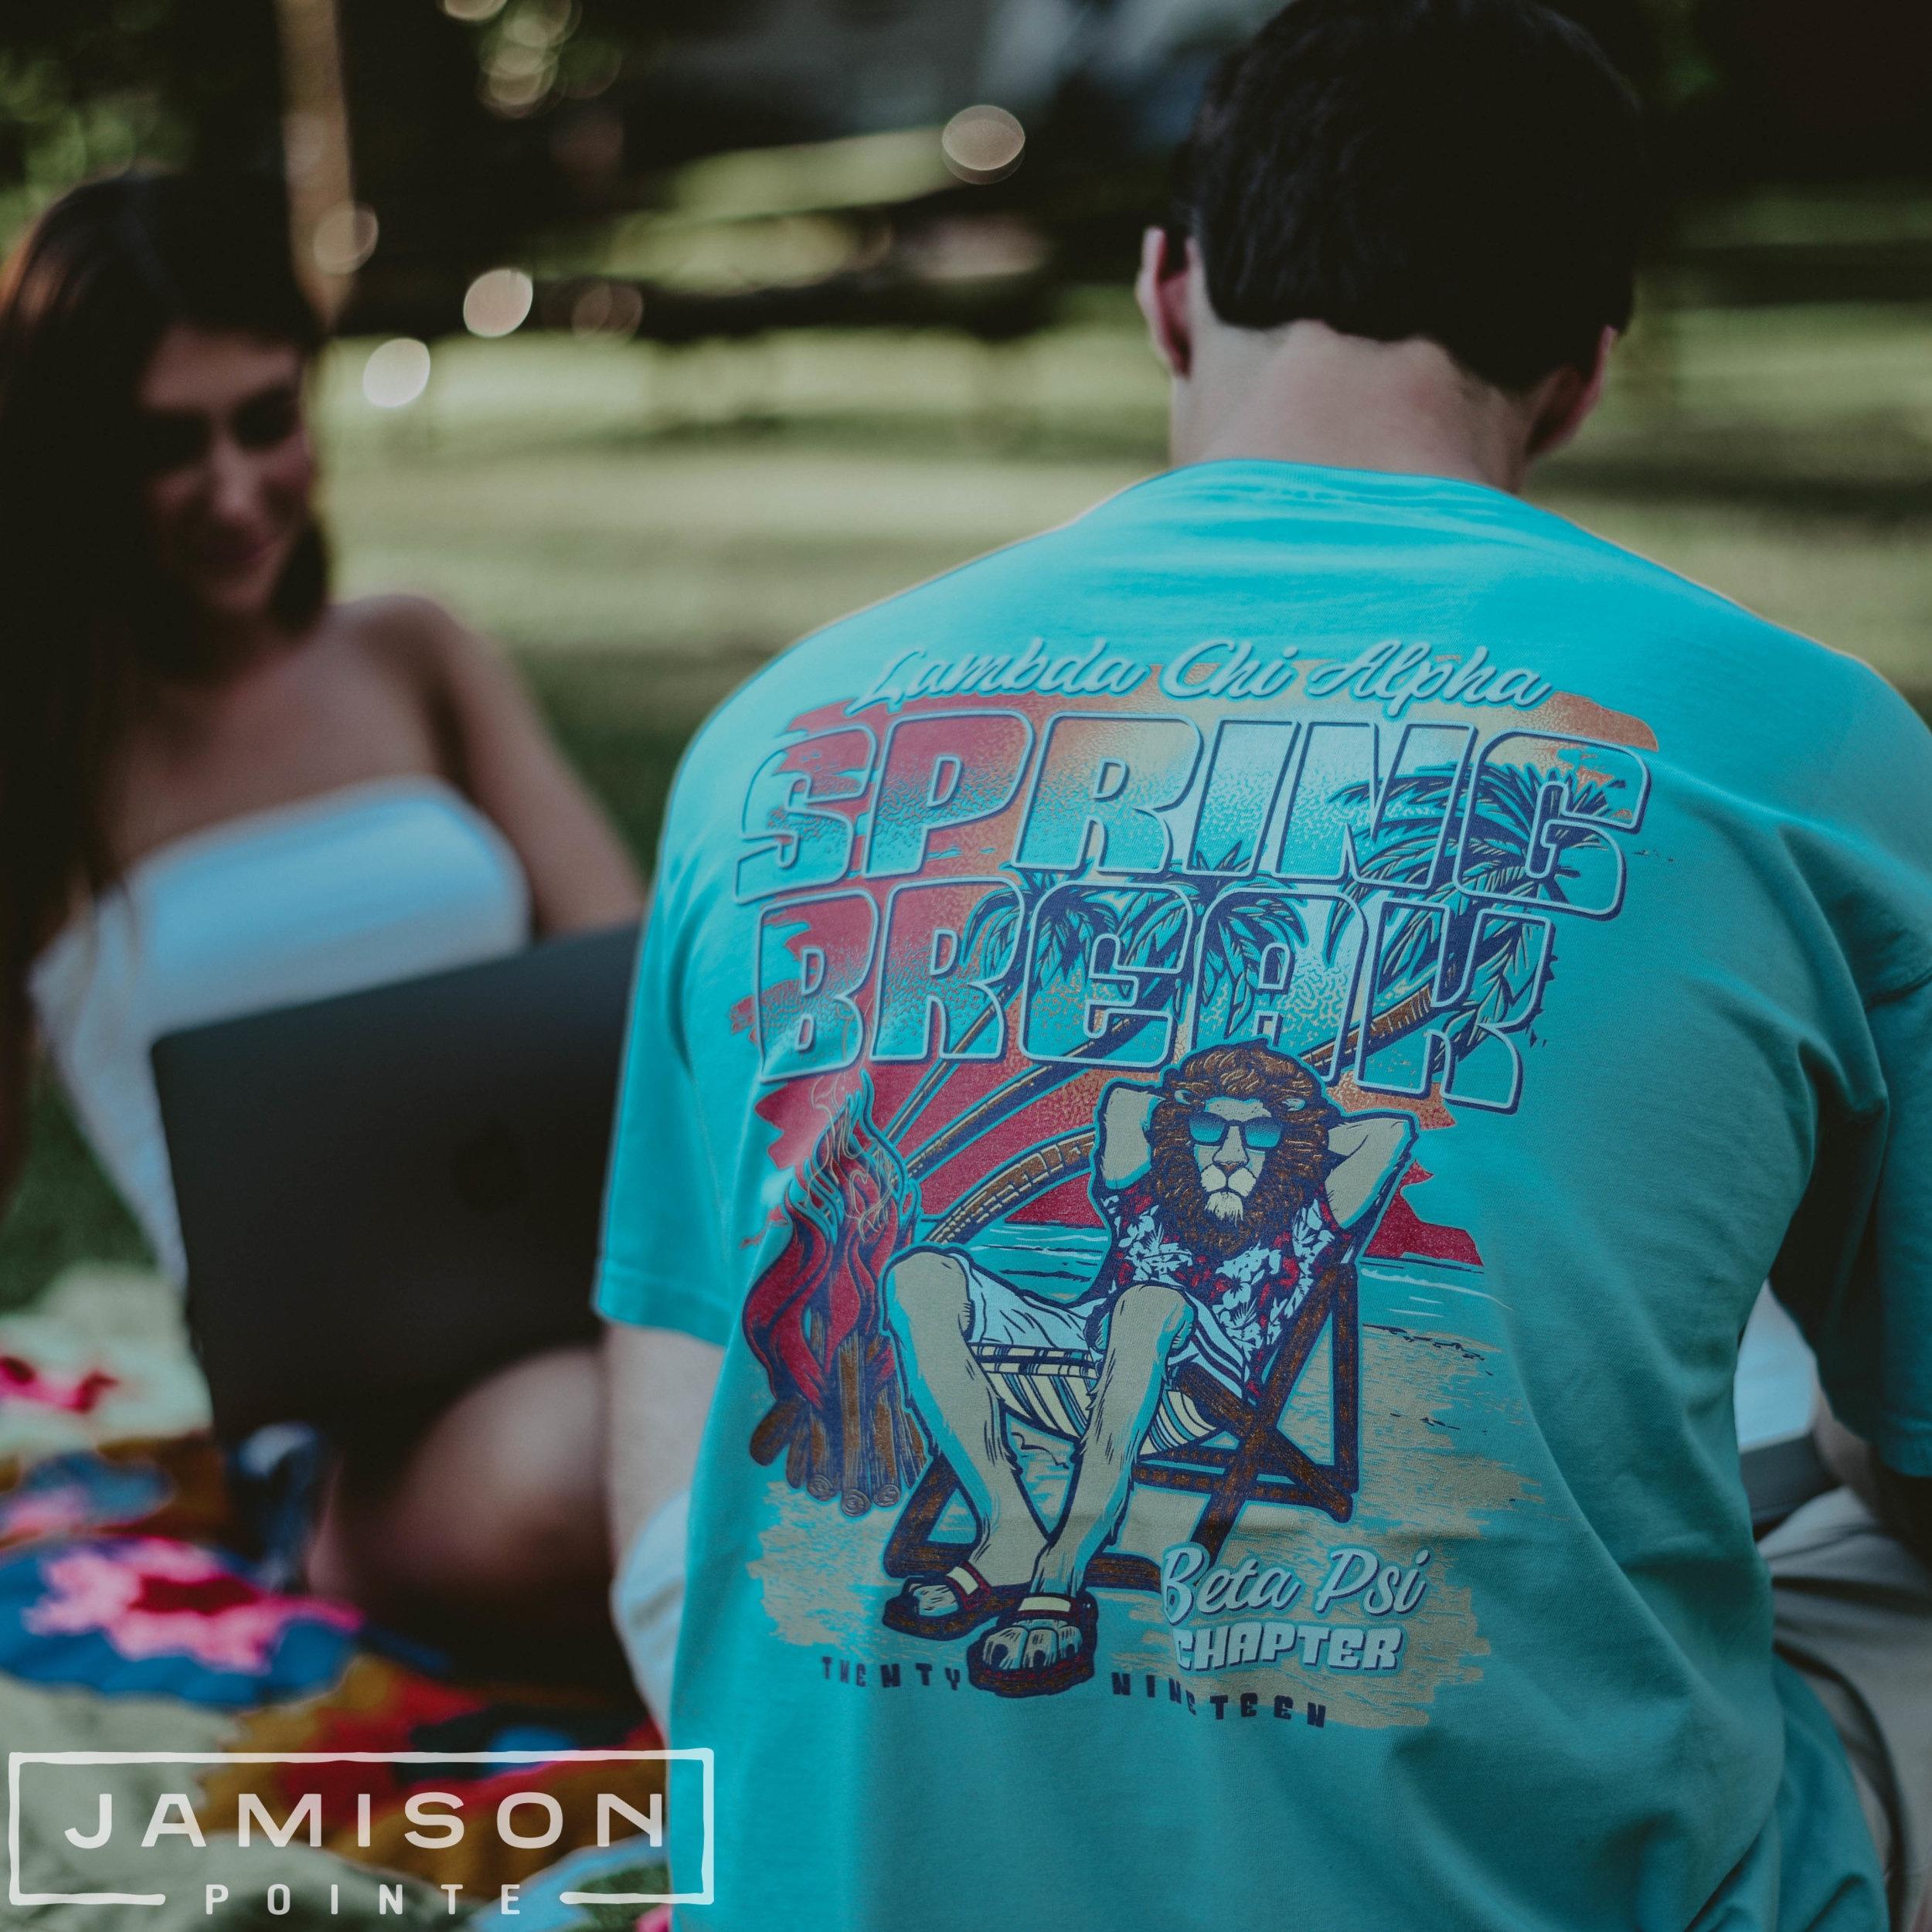 Lambda Chi Spring Break T-shirt